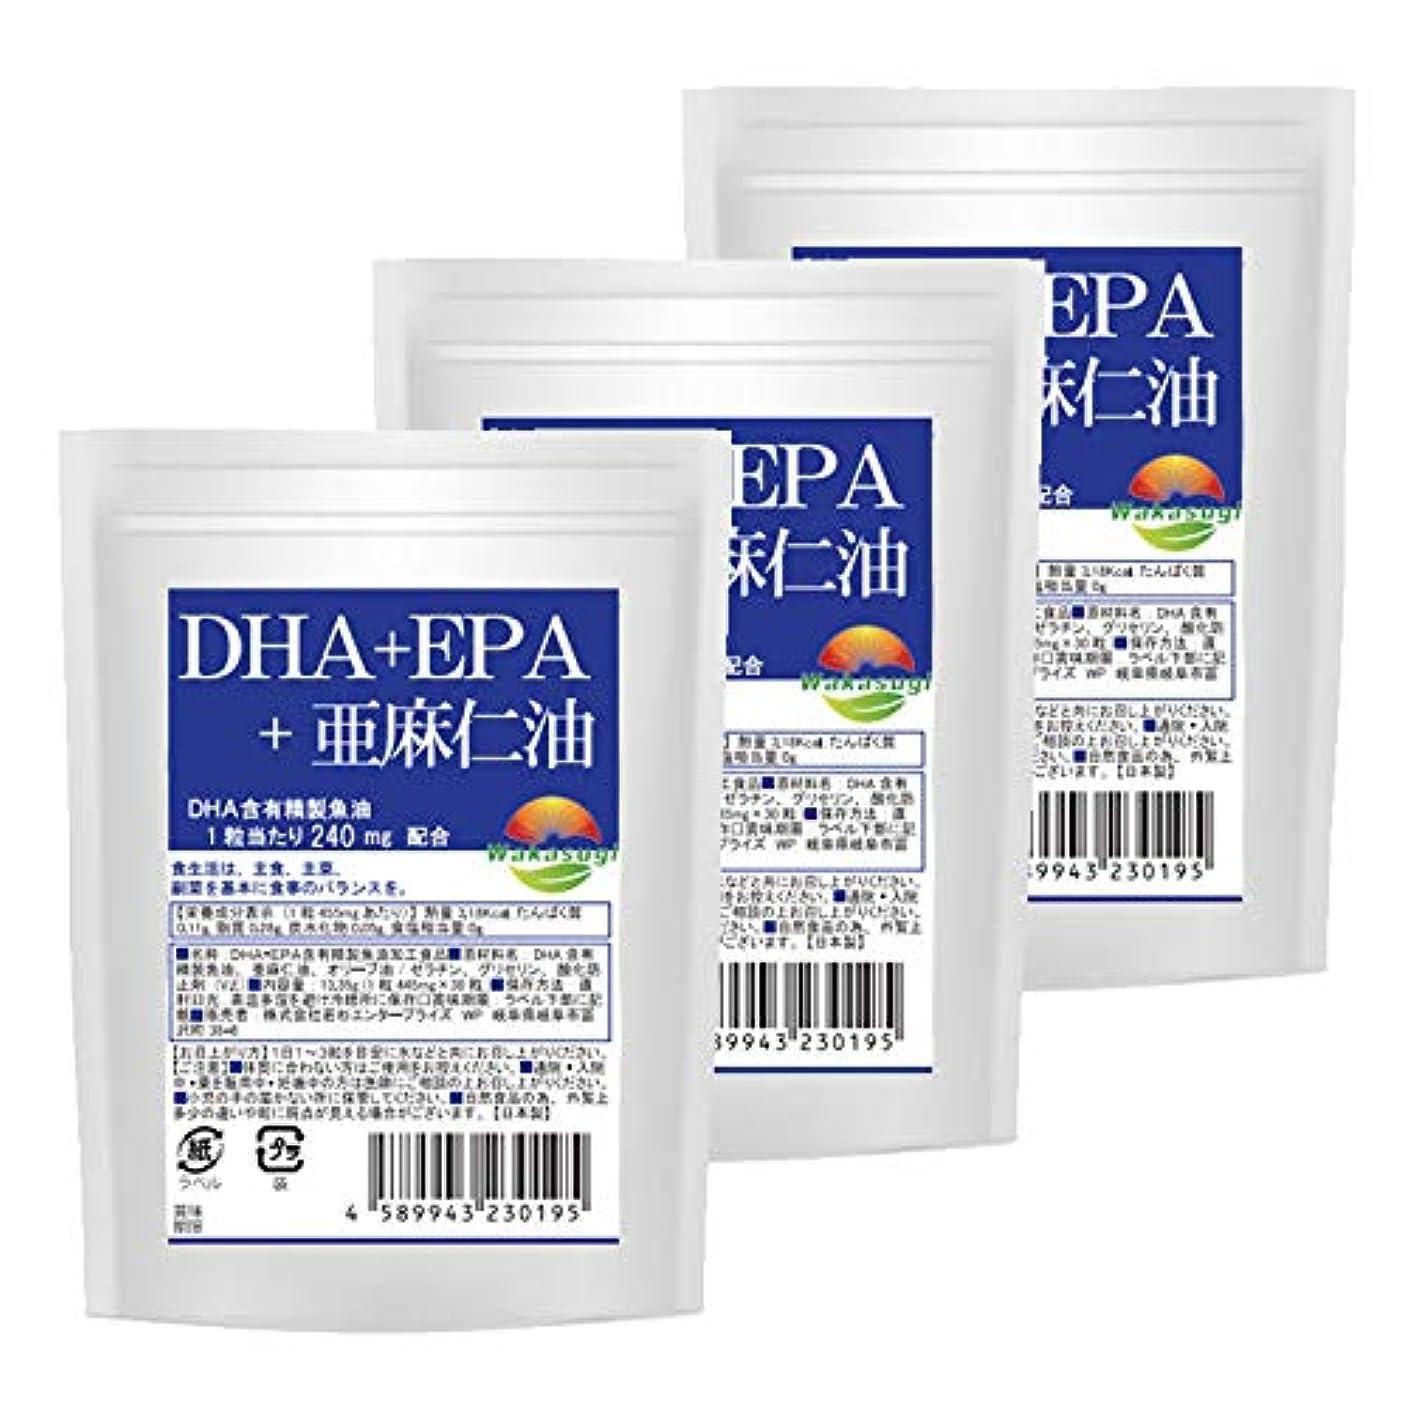 マウンドいろいろ寛大なDHA+EPA+亜麻仁油 30粒 3袋 セット 計90粒 最大3か月分 ソフトカプセルタイプ